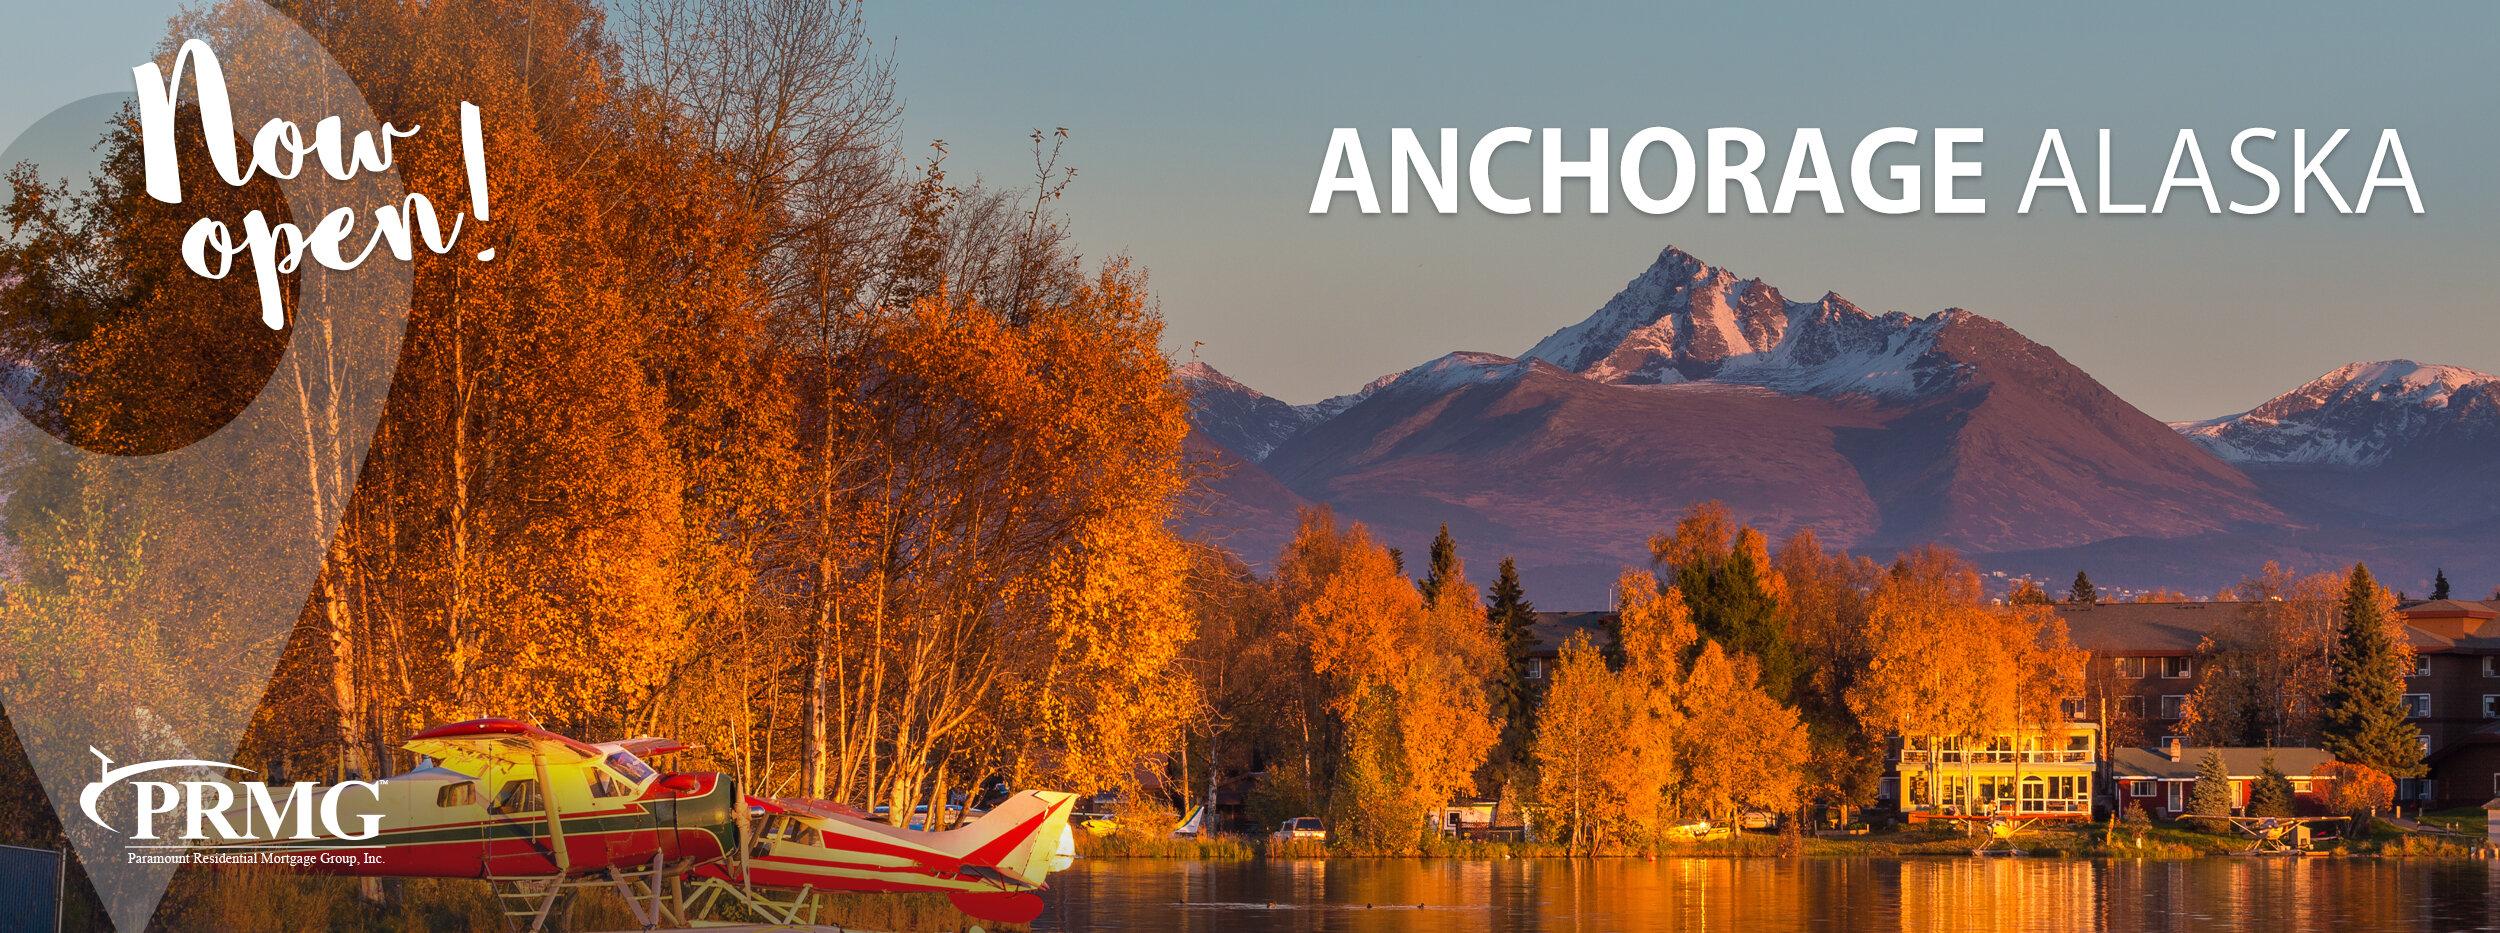 Anchorage, AK - Header.jpg